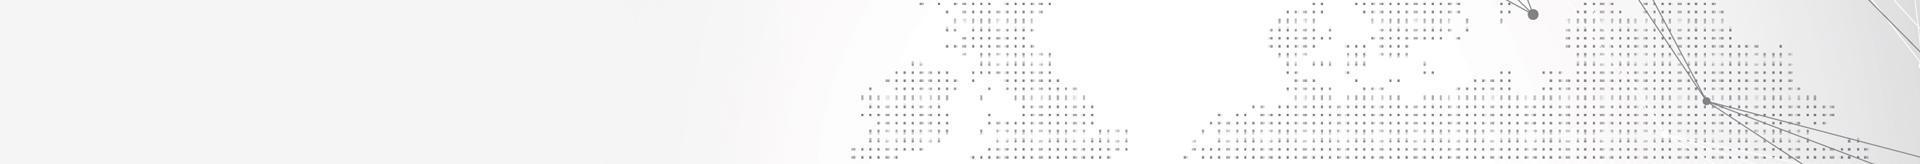 kropki, punkty, kreski, baner